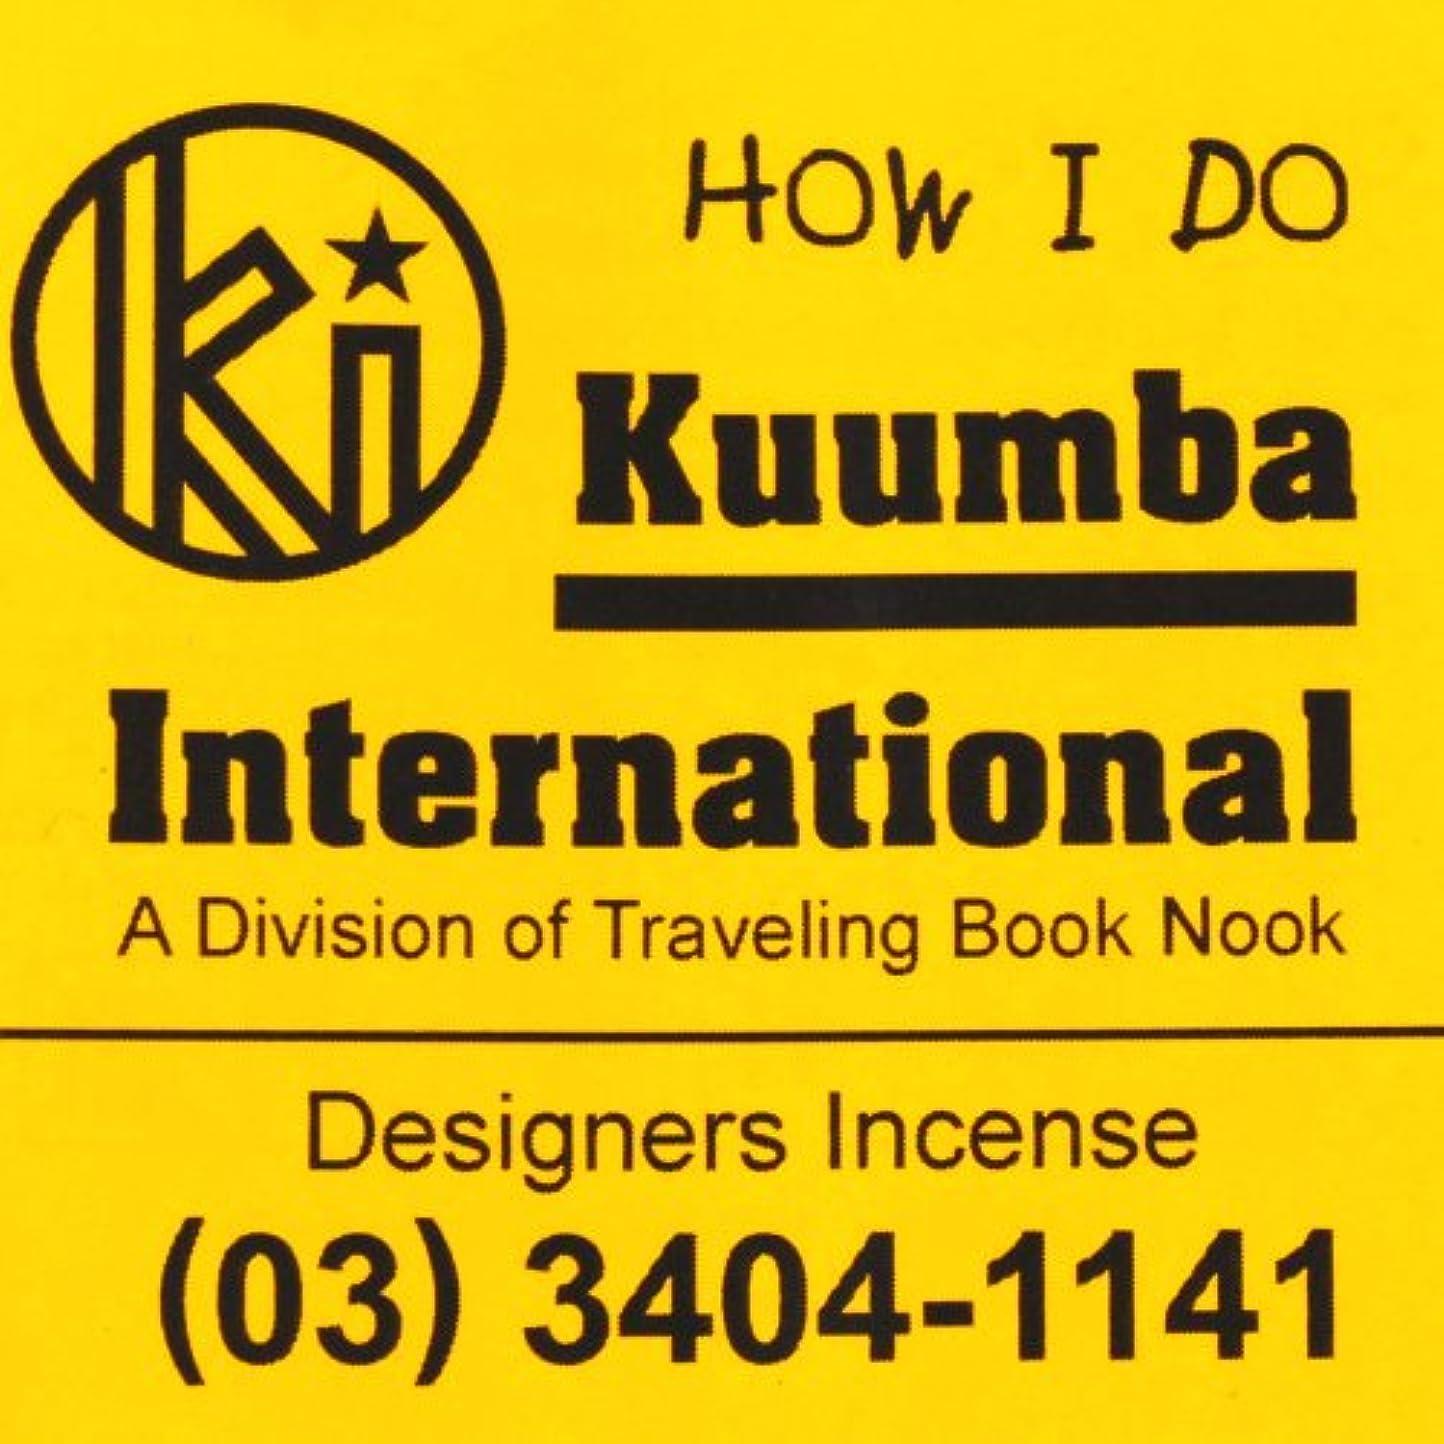 杖打倒顧問(クンバ) KUUMBA『classic regular incense』(HOW I DO) (Regular size)